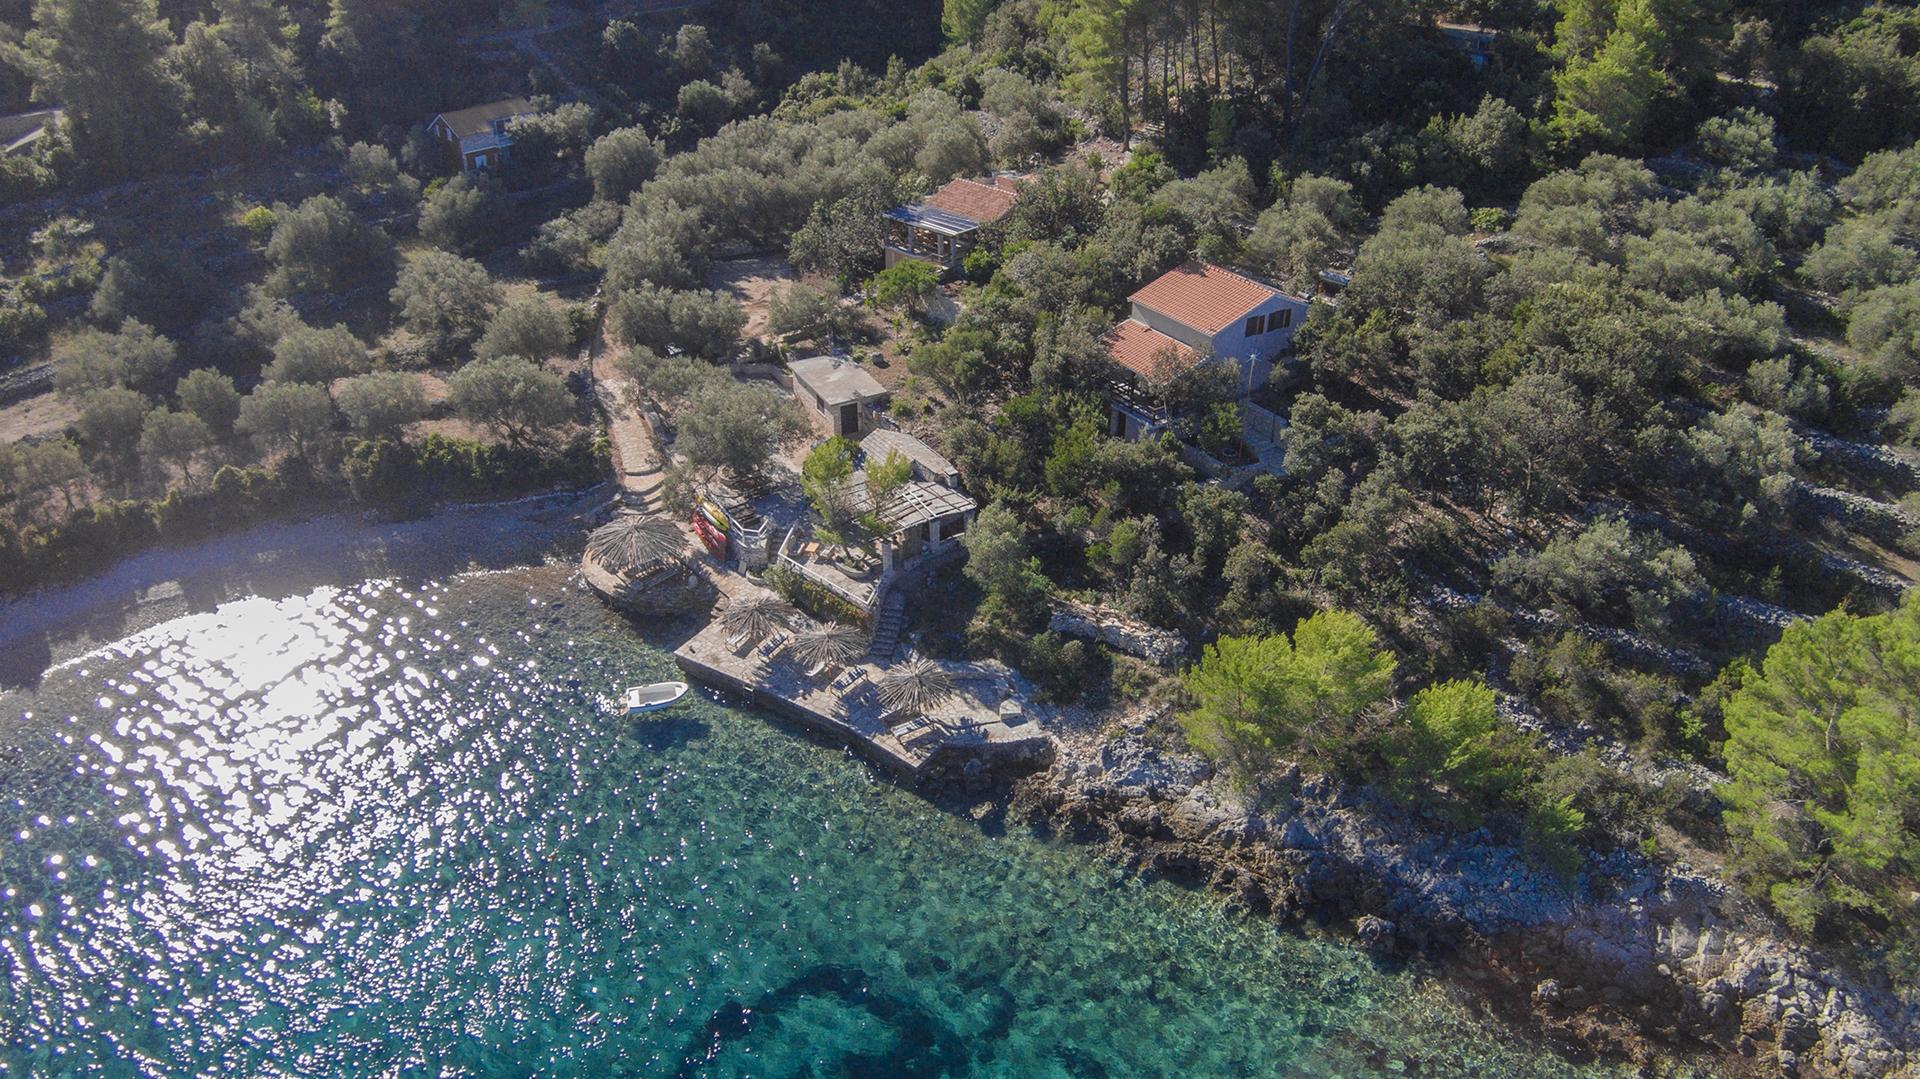 B1214VLUK  - Öböl Picena (Vela Luka) - Nyaralóházak Horvátország - strand